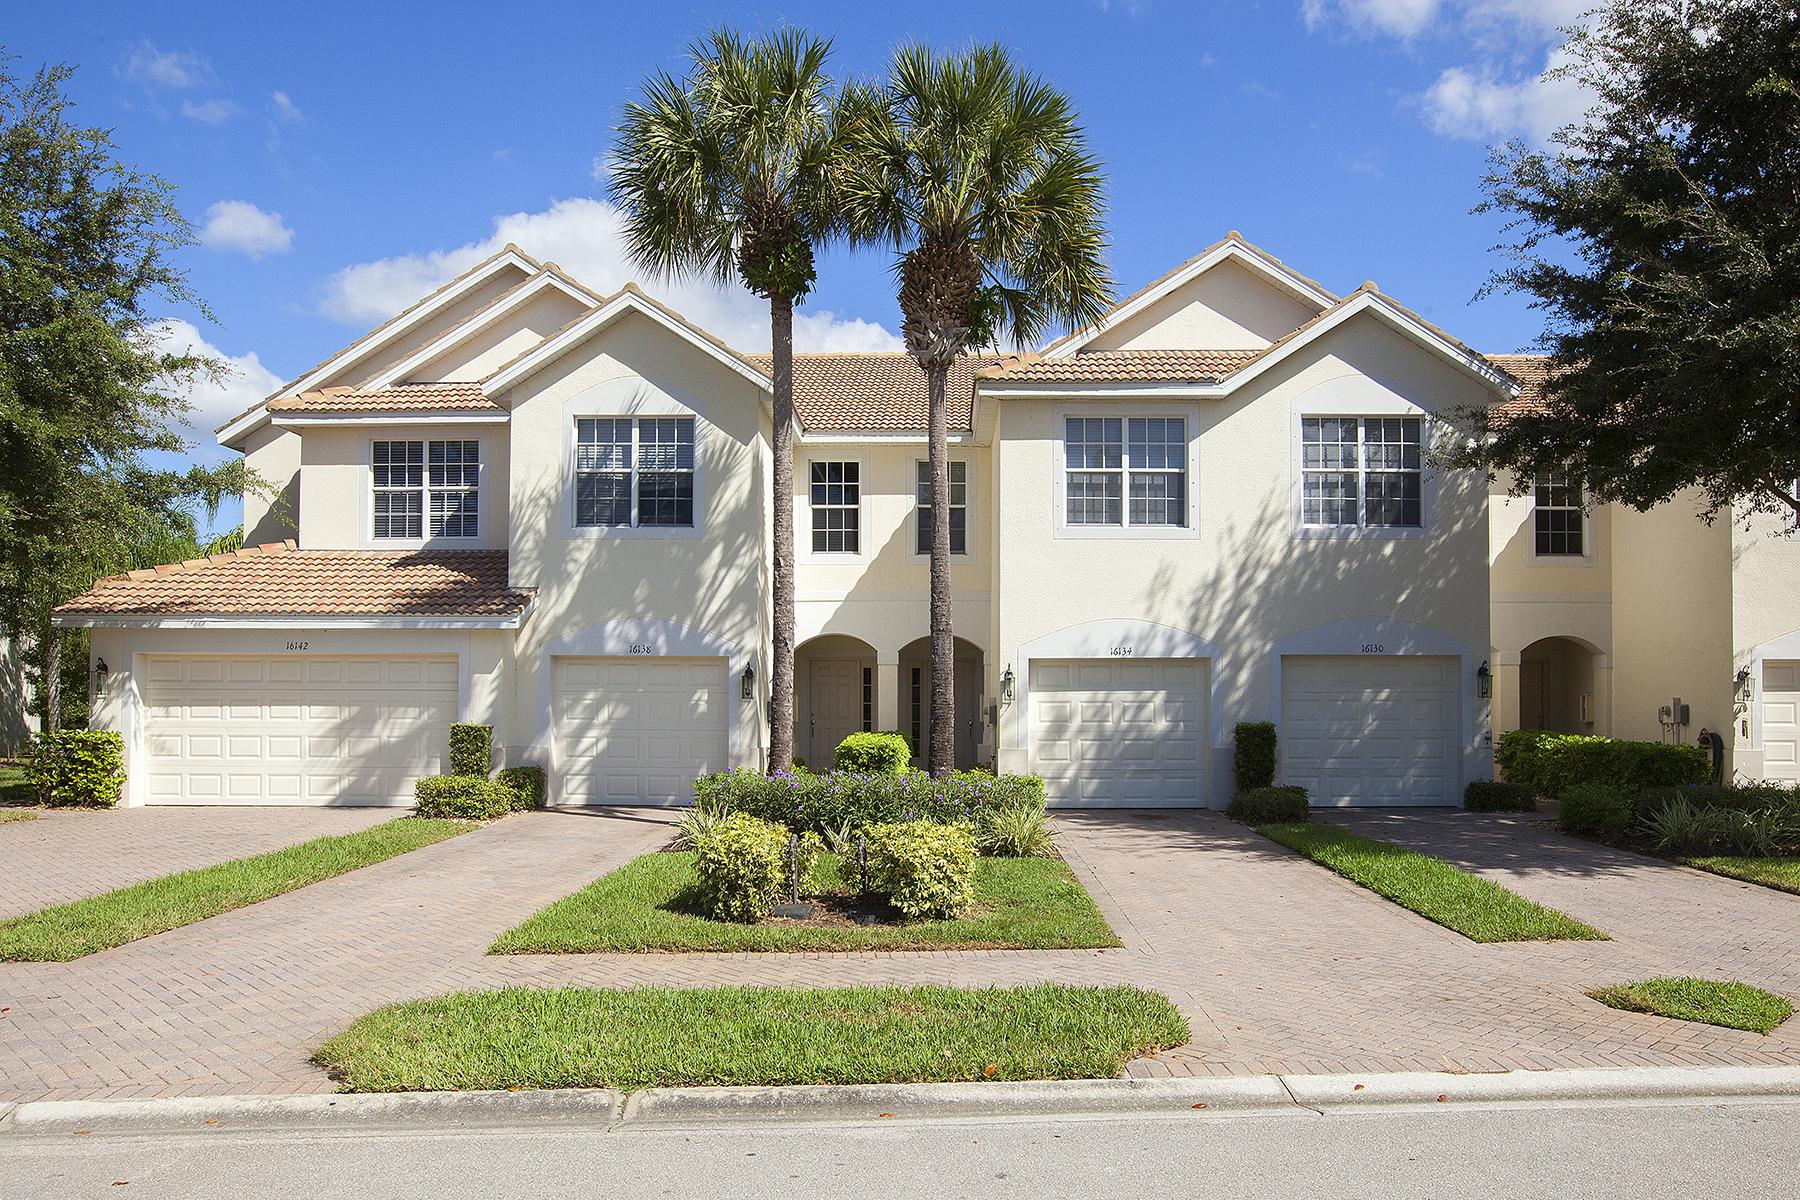 Stadthaus für Verkauf beim MILANO 16113 Caldera Ln 49 Naples, Florida 34110 Vereinigte Staaten